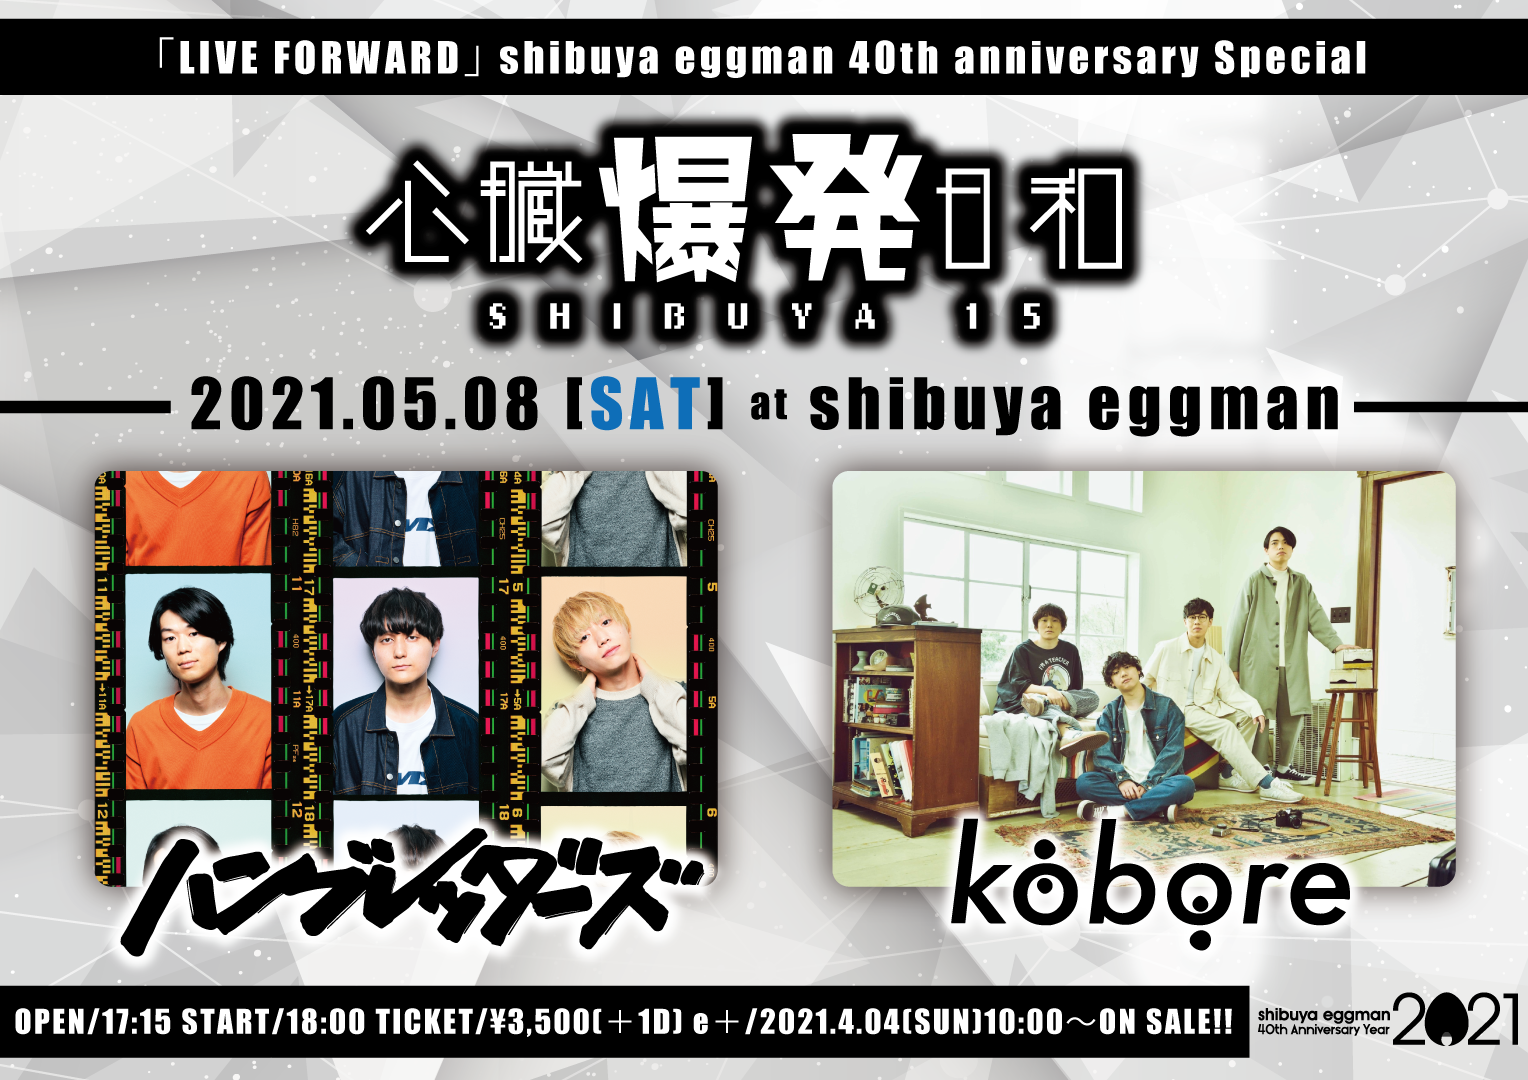 心臓爆発日和 -SHIBUYA15-  〜「LIVE FORWARD」shibuya eggman 40th anniversary Special〜